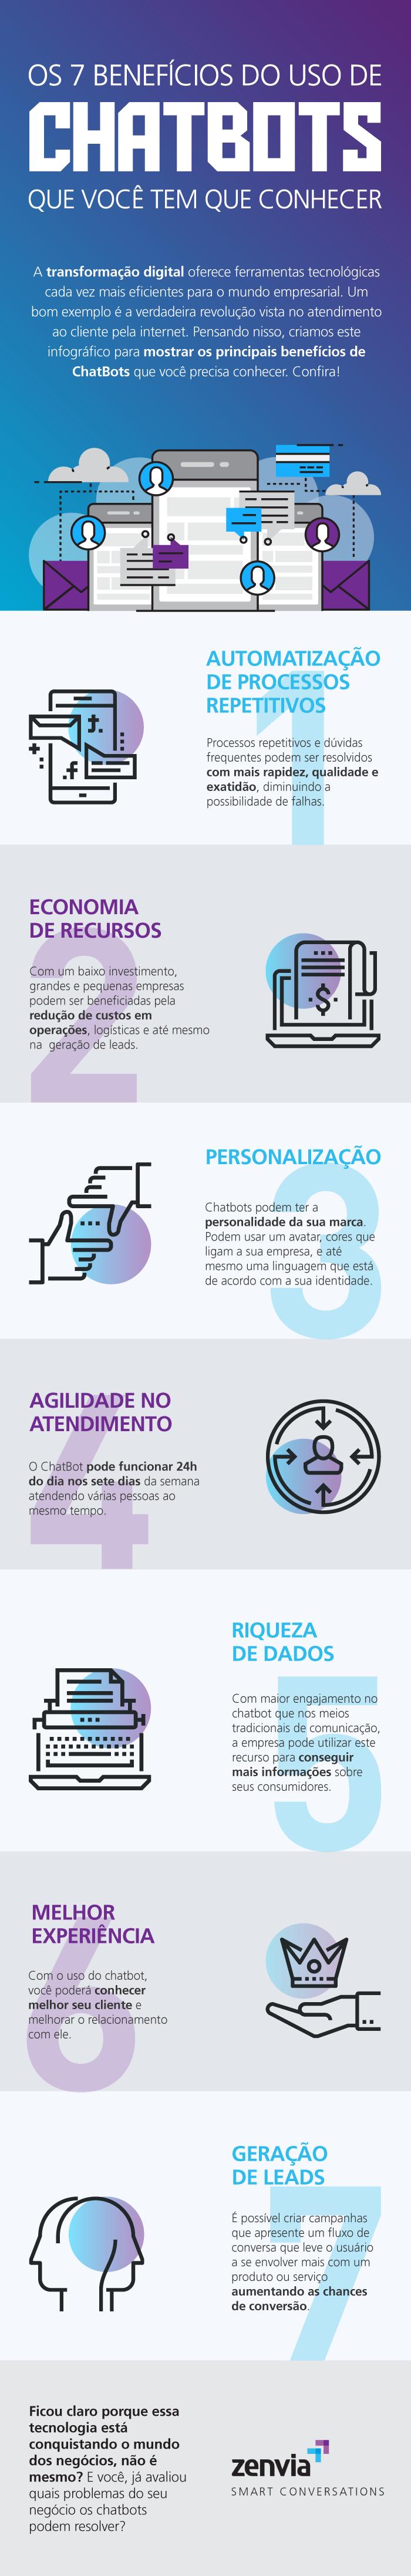 Os-7-benefícios-do-uso-de-Chatbots-que-você-tem-que-conhecer (2).png